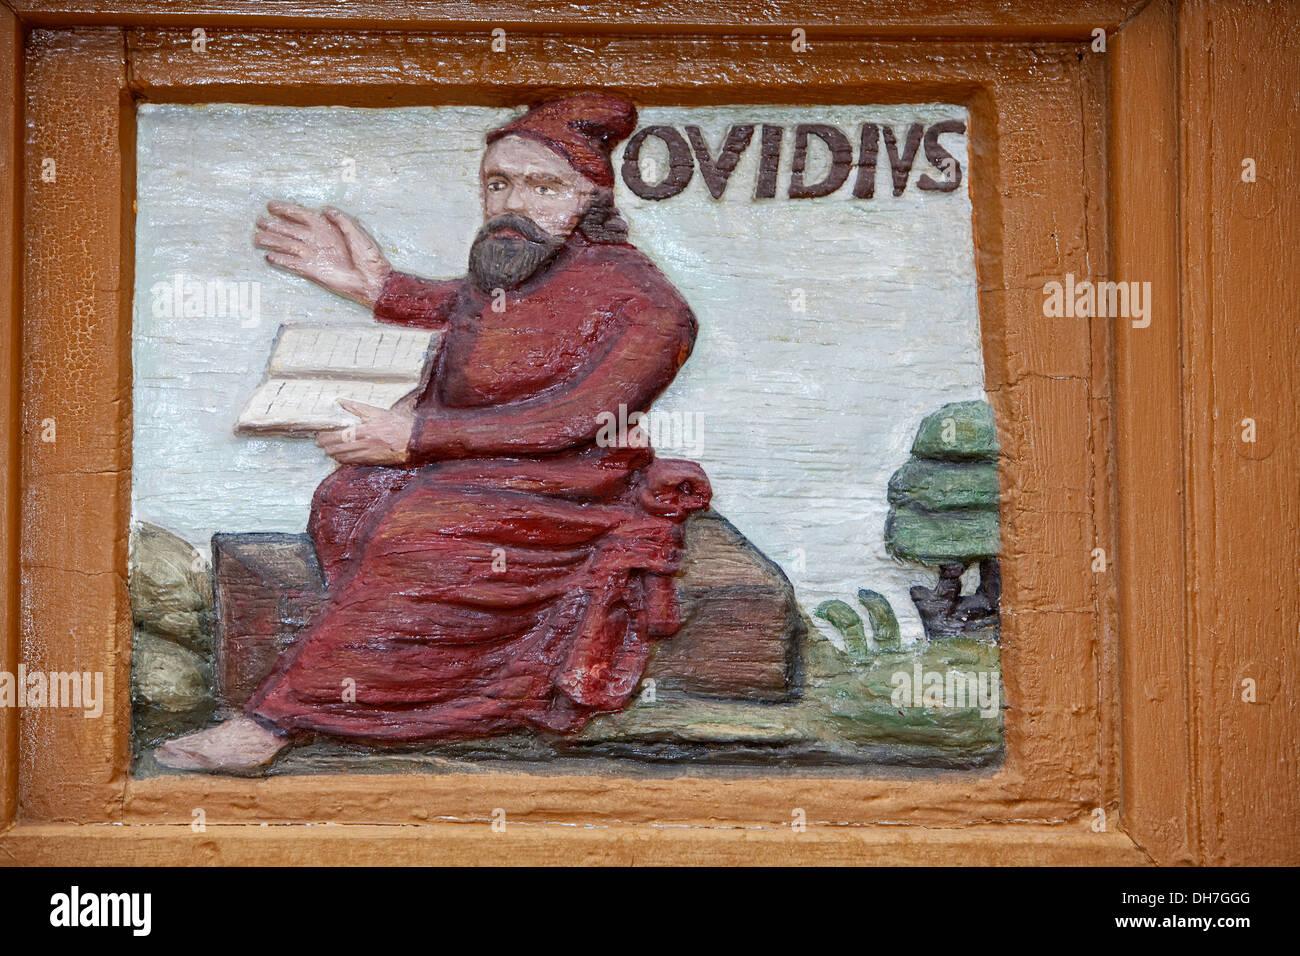 Publius Ovidius Naso oder Ovid 43 v. Chr.-17, ein römischer Dichter, alte Lateinschule 17.Jahrhundert, Alfeld, Leine, Niedersachsen, Deutschland Stockfoto